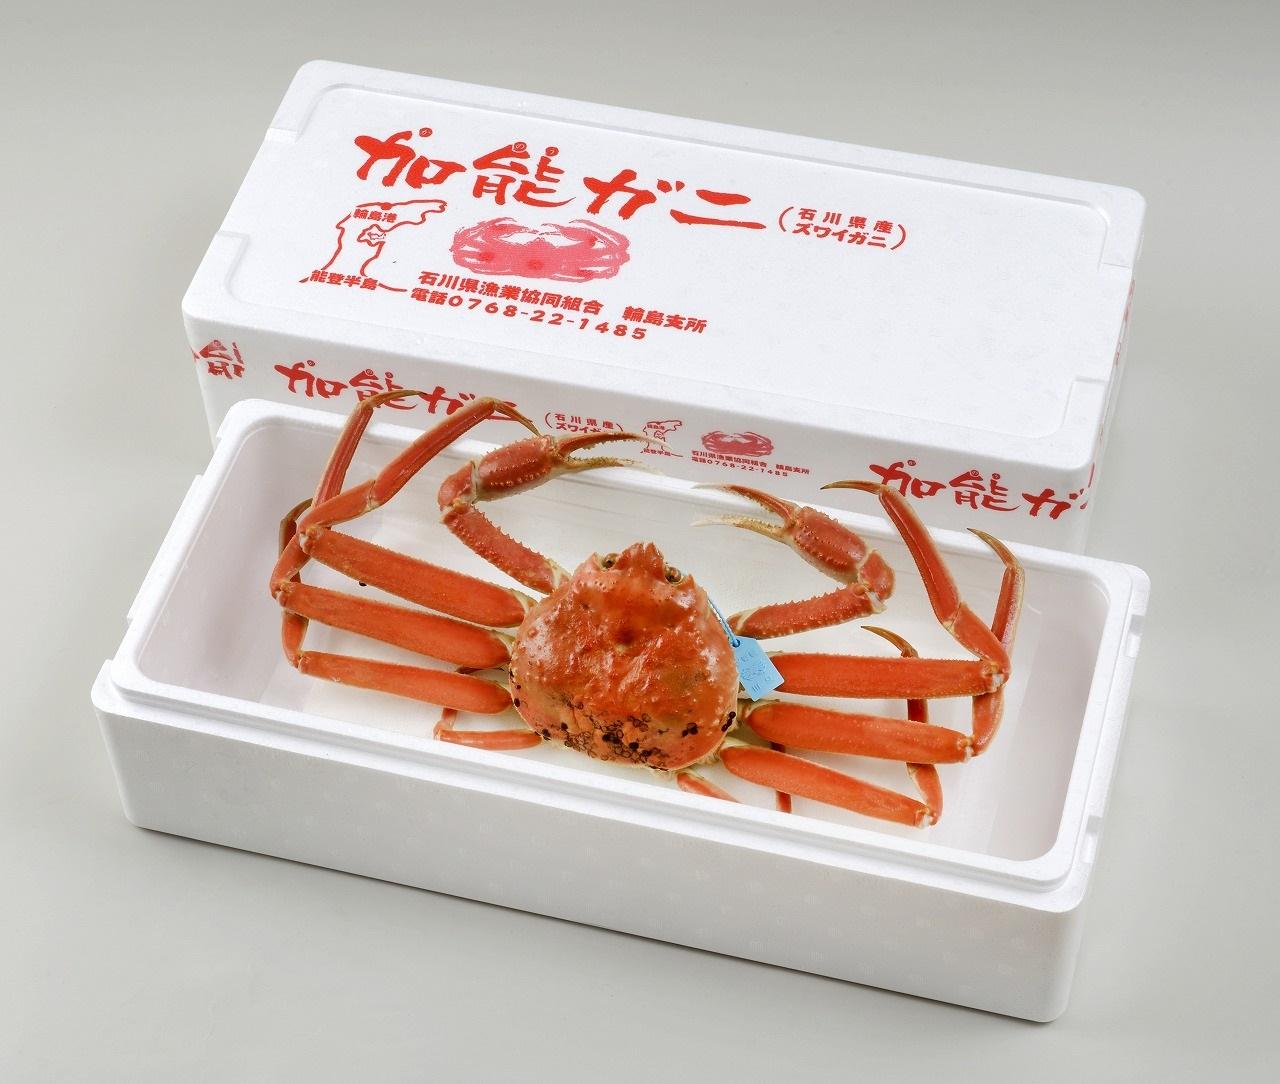 【配達日時指定できます】加能ガニ(雄ズワイガニ、冷凍)(大)【R4.1月6日以降にお届け】